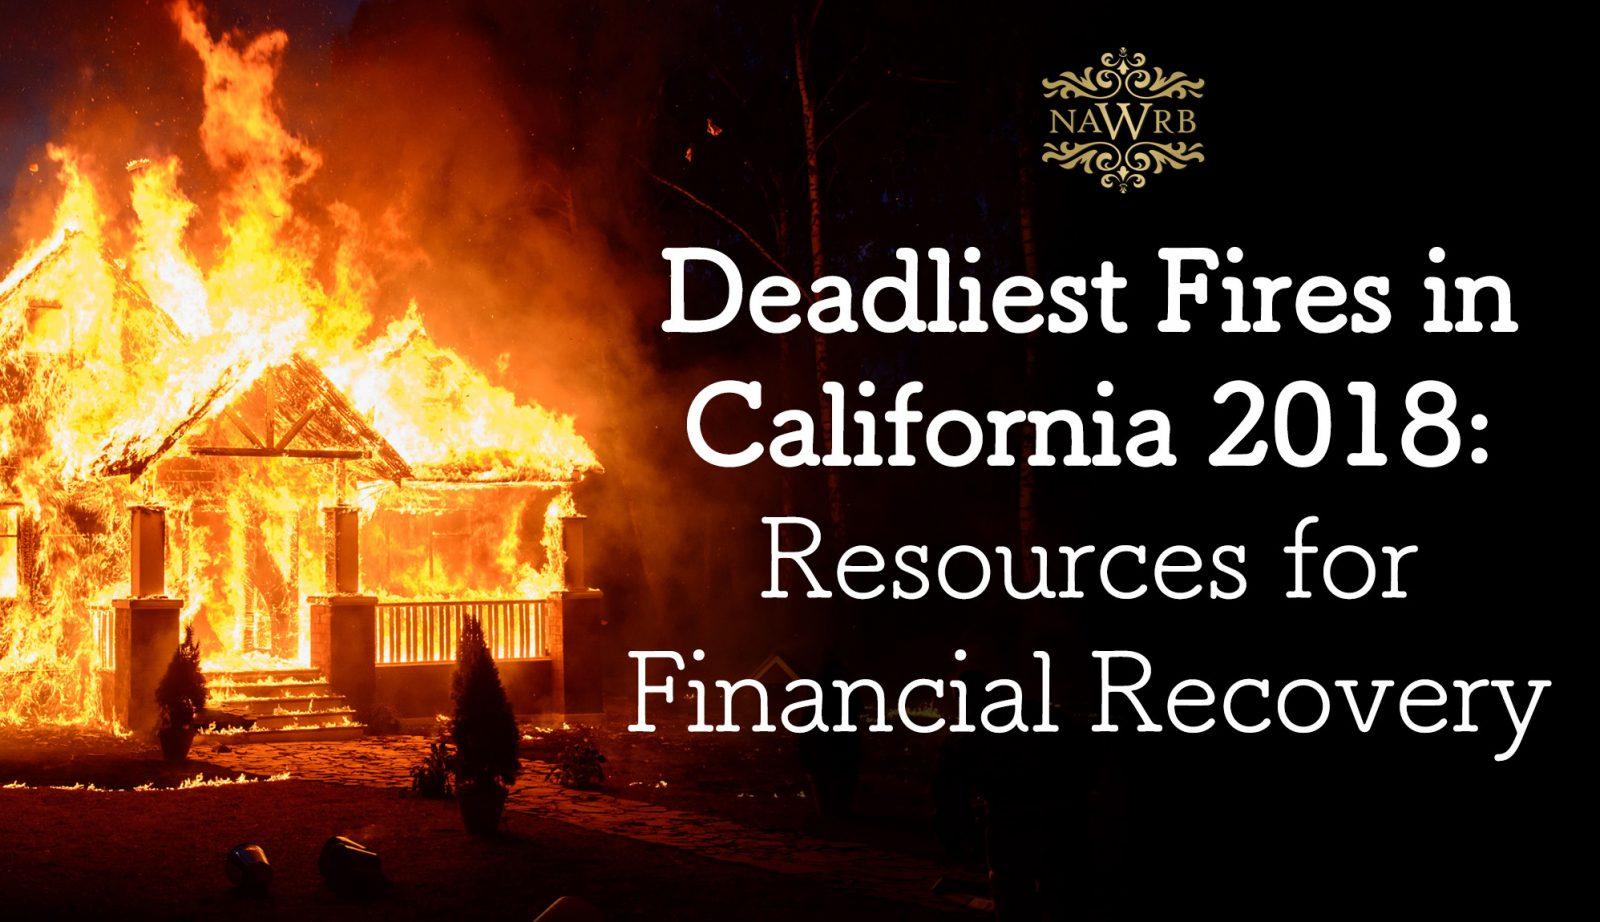 Deadliest Fires